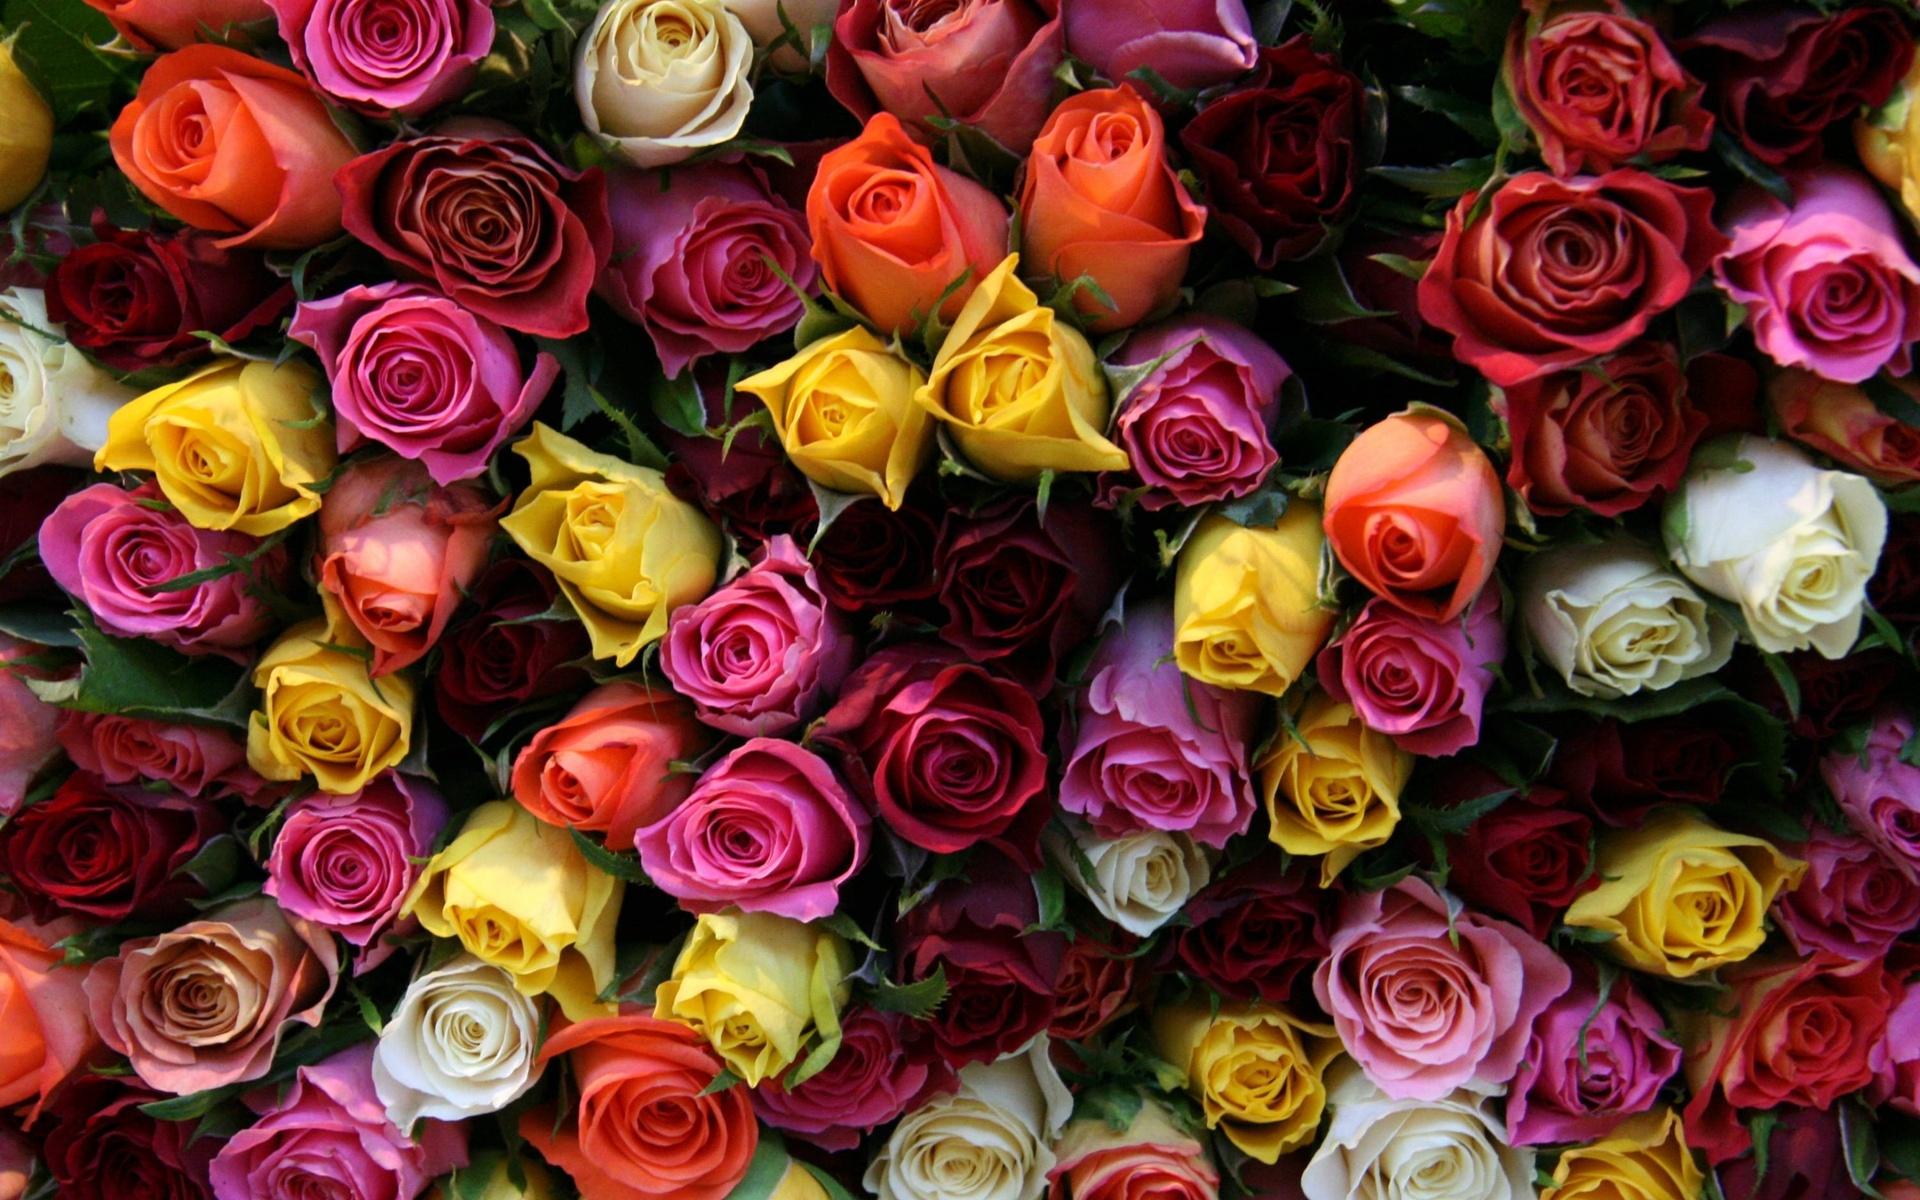 картинки розы всякие разные хотим немного